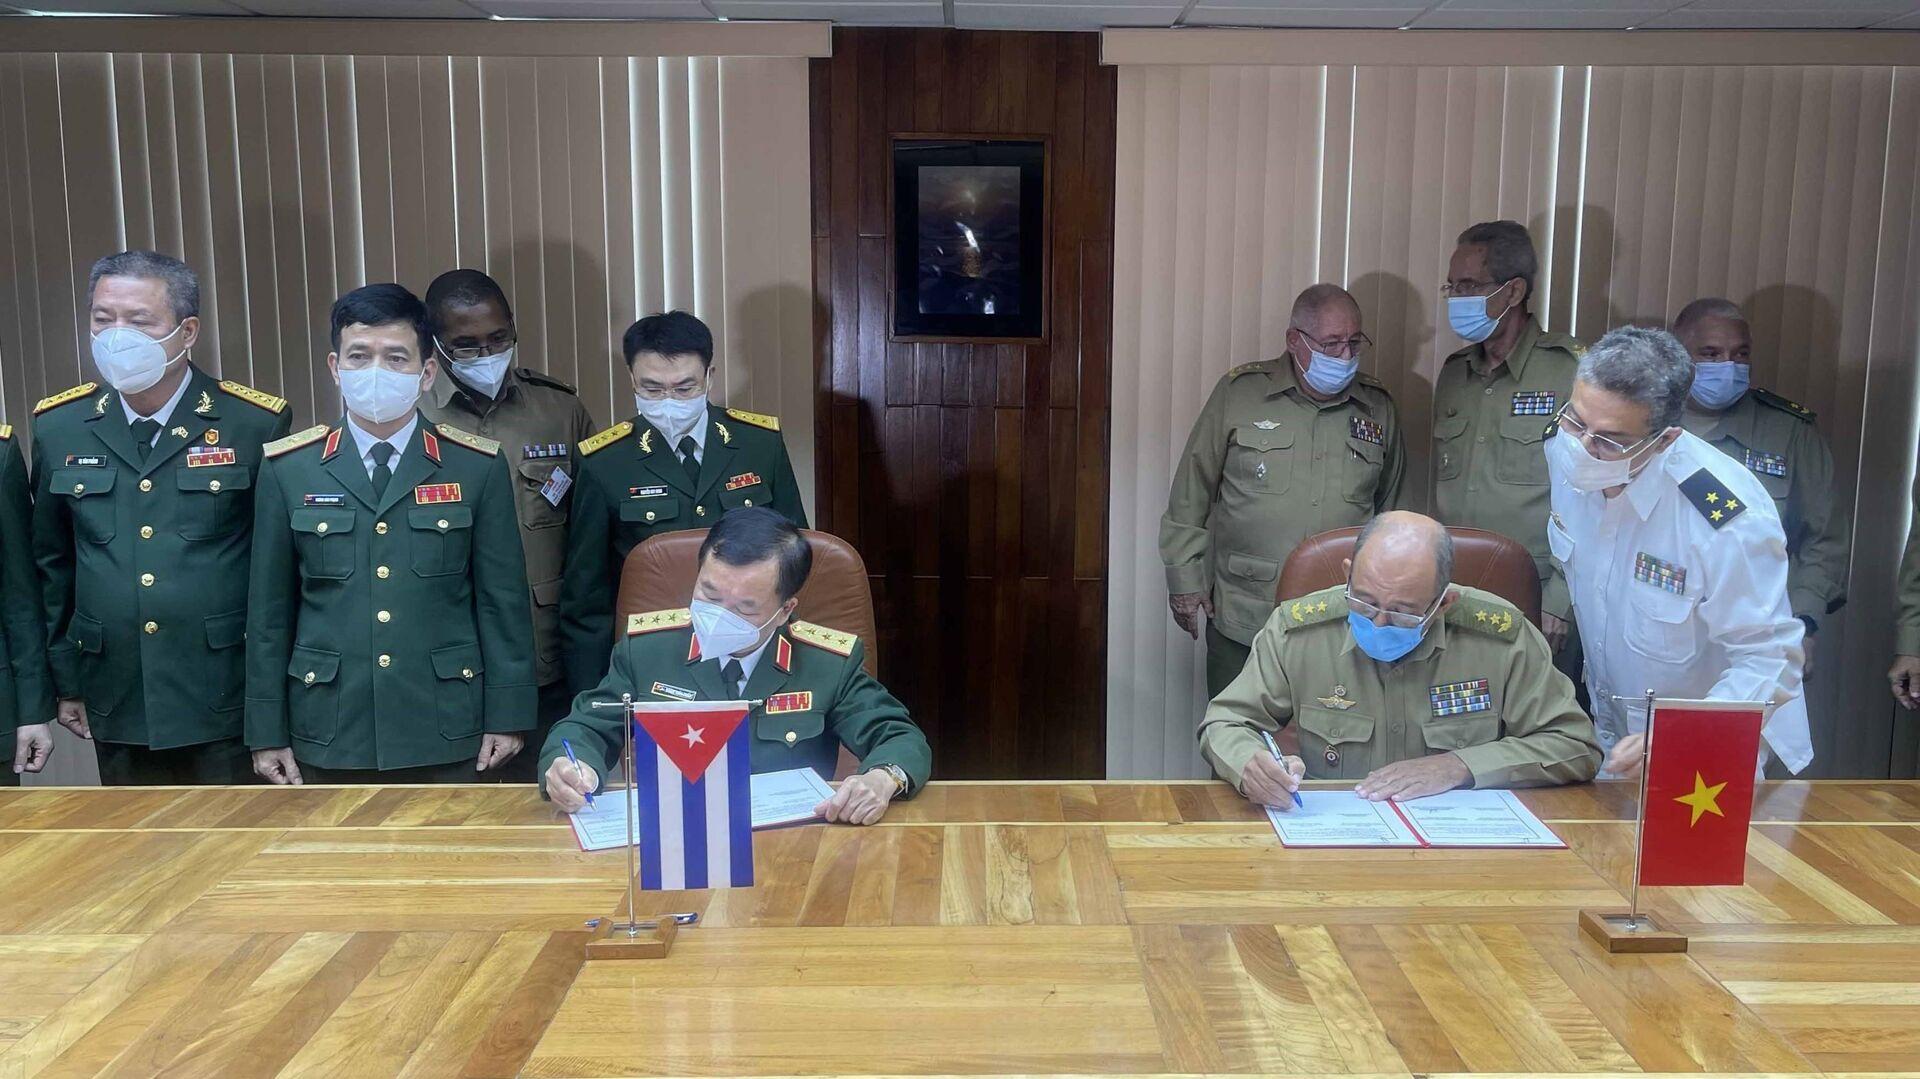 Thượng tướng Hoàng Xuân Chiến và Bộ trưởng Bộ các Lực lượng vũ trang cách mạng nước Cộng hòa Cuba ký kết hợp tác - Sputnik Việt Nam, 1920, 20.09.2021